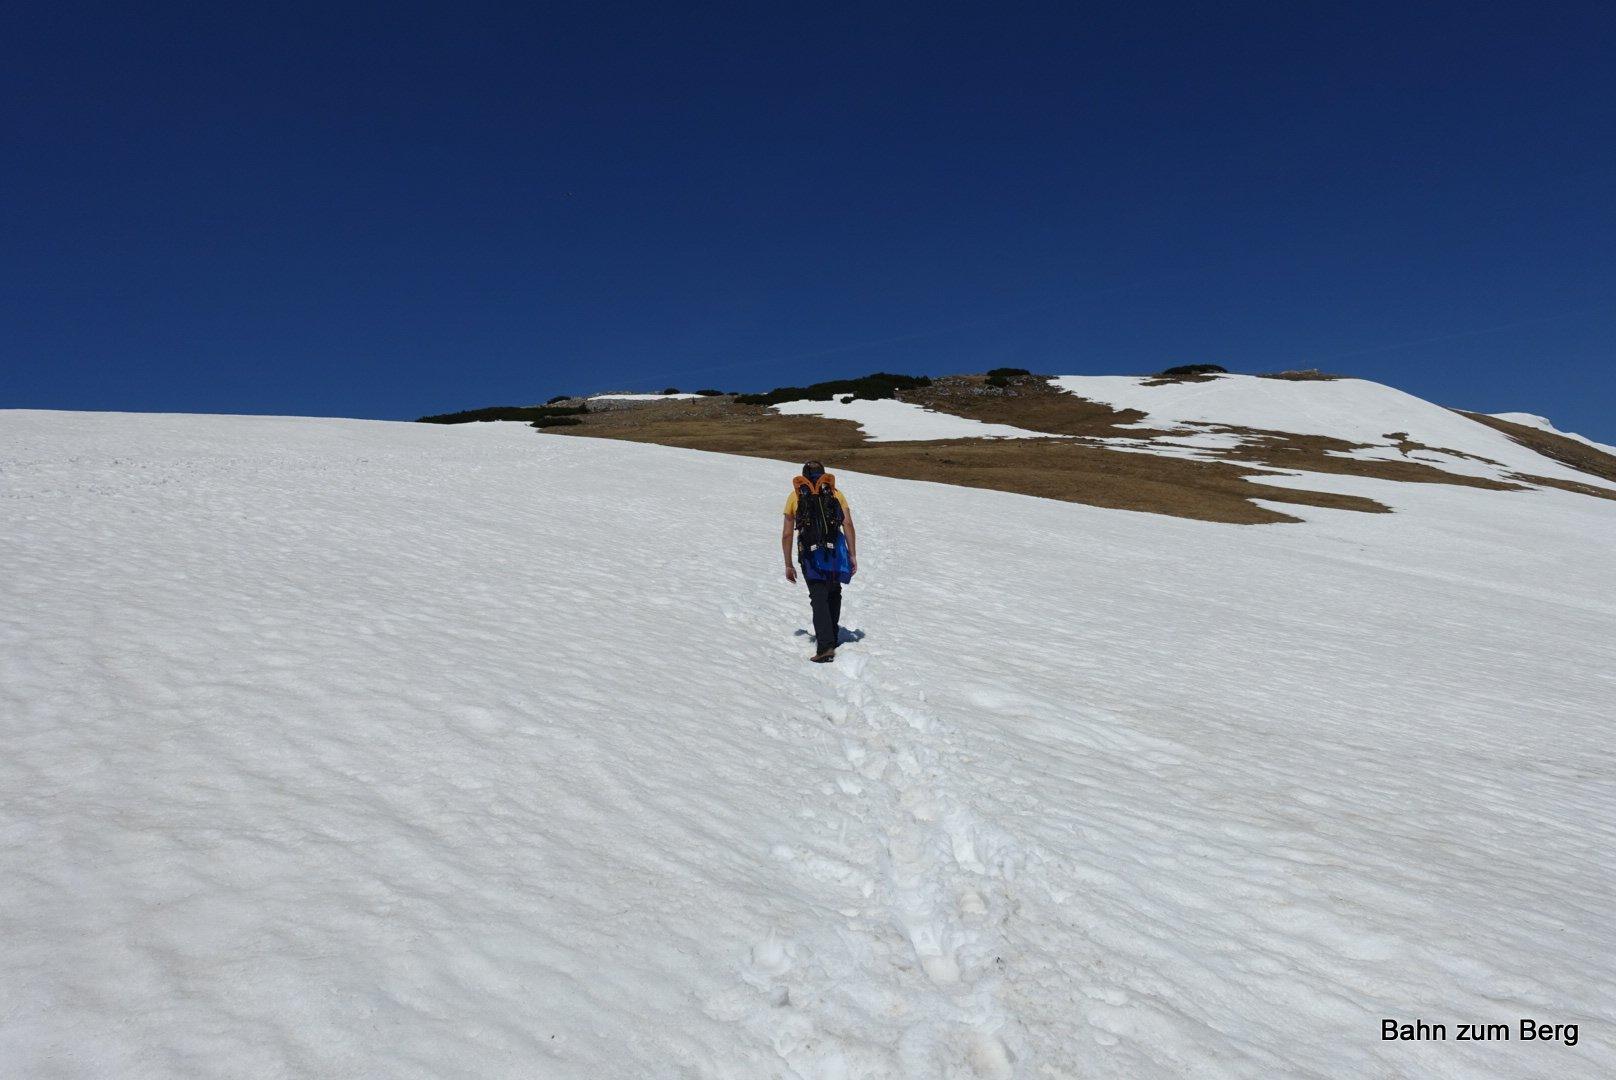 Vor dem Gipfel ist ein großes, aber flaches Schneefeld